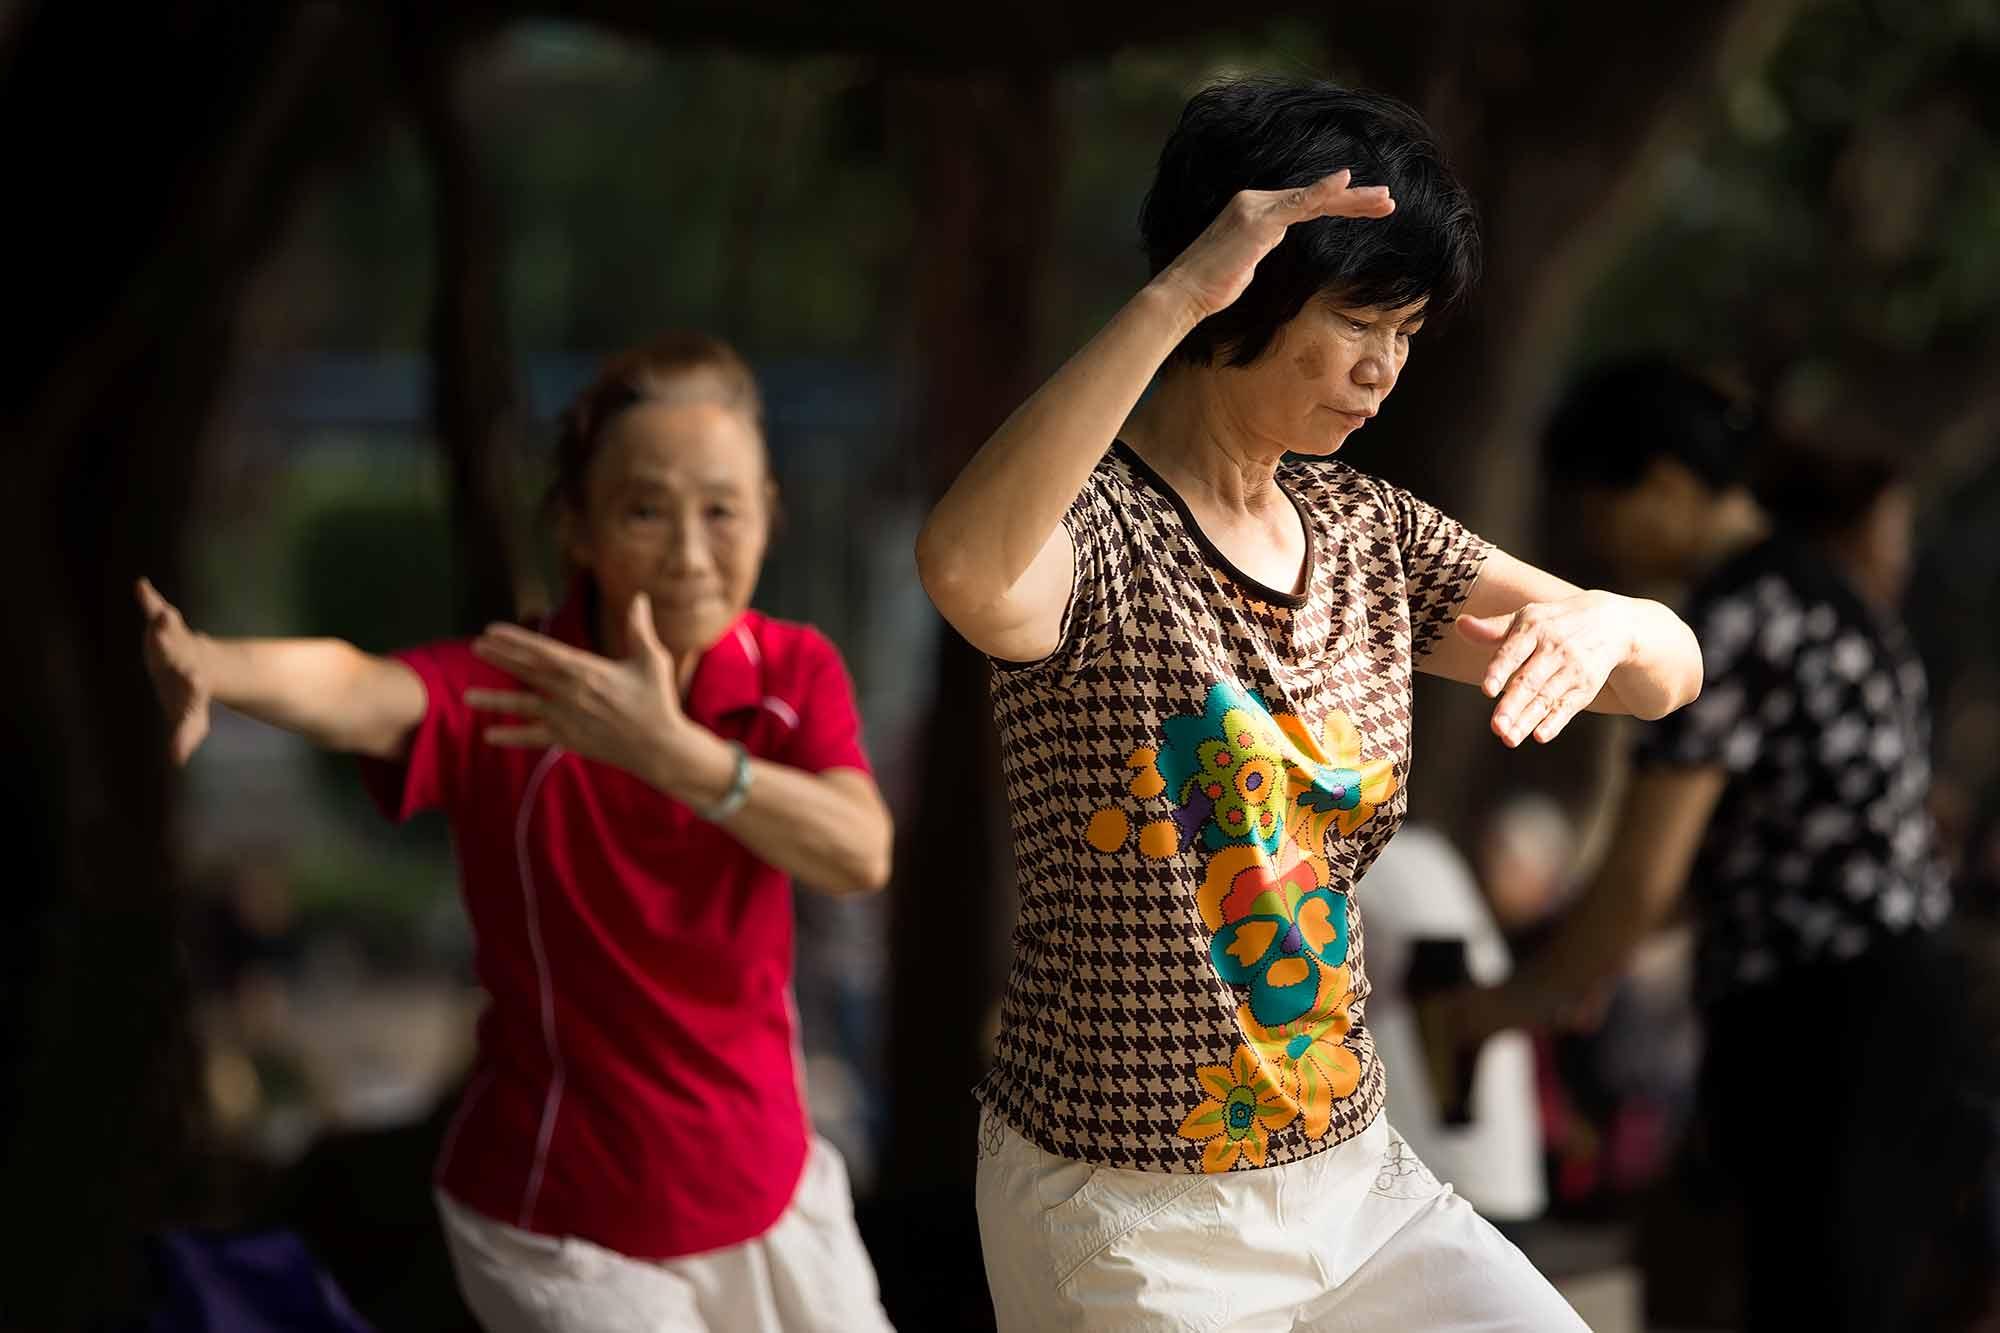 Doing some Tai Chi at Liuhuahu park in Guangzhou. © Ulli Maier & Nisa Maier